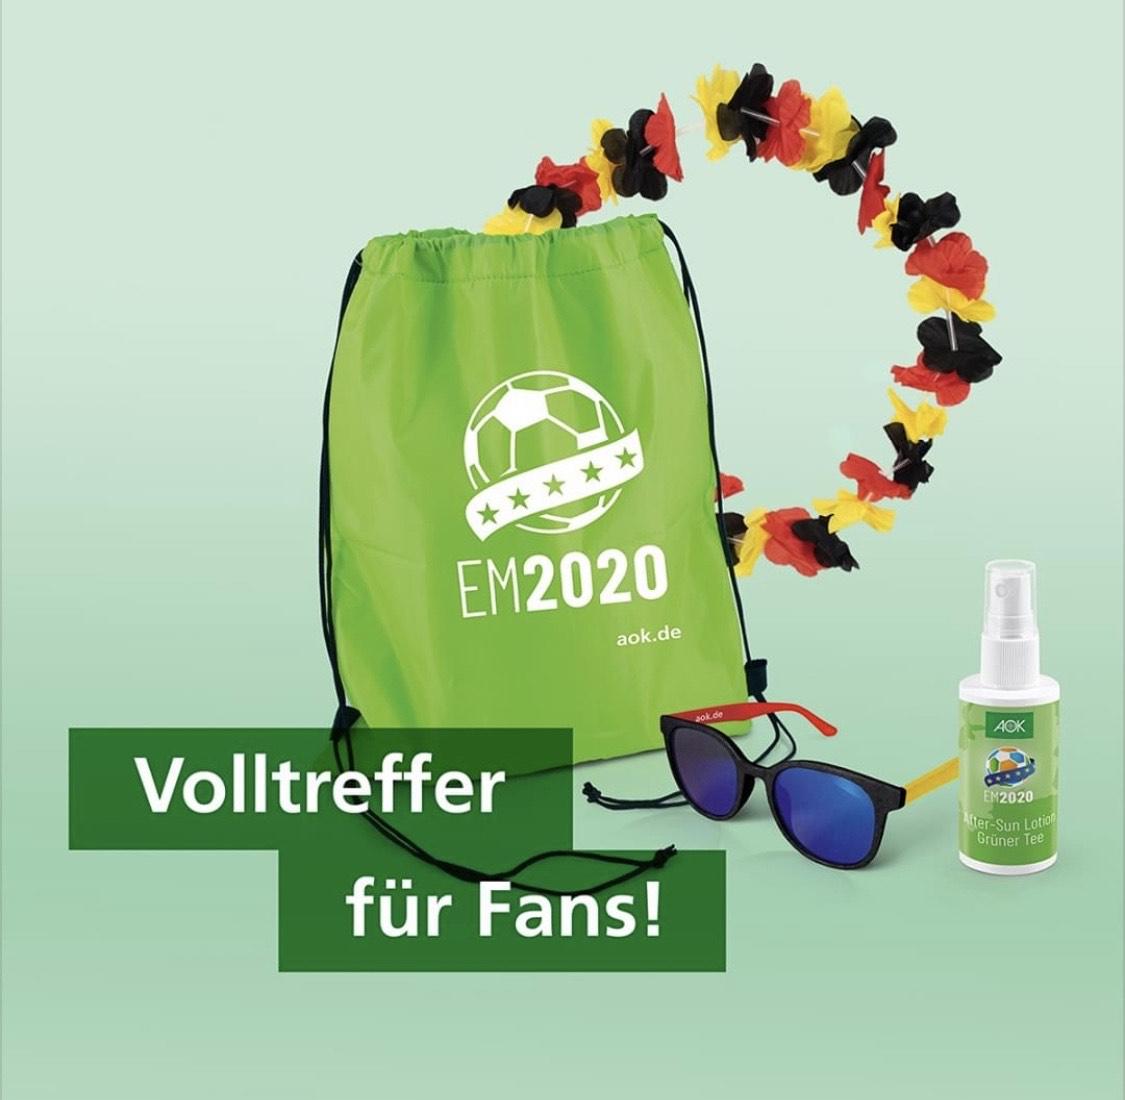 [AOK Bayern] [Freebie] [Lokal Bayern] EM-Fan-Paket gegen Daten